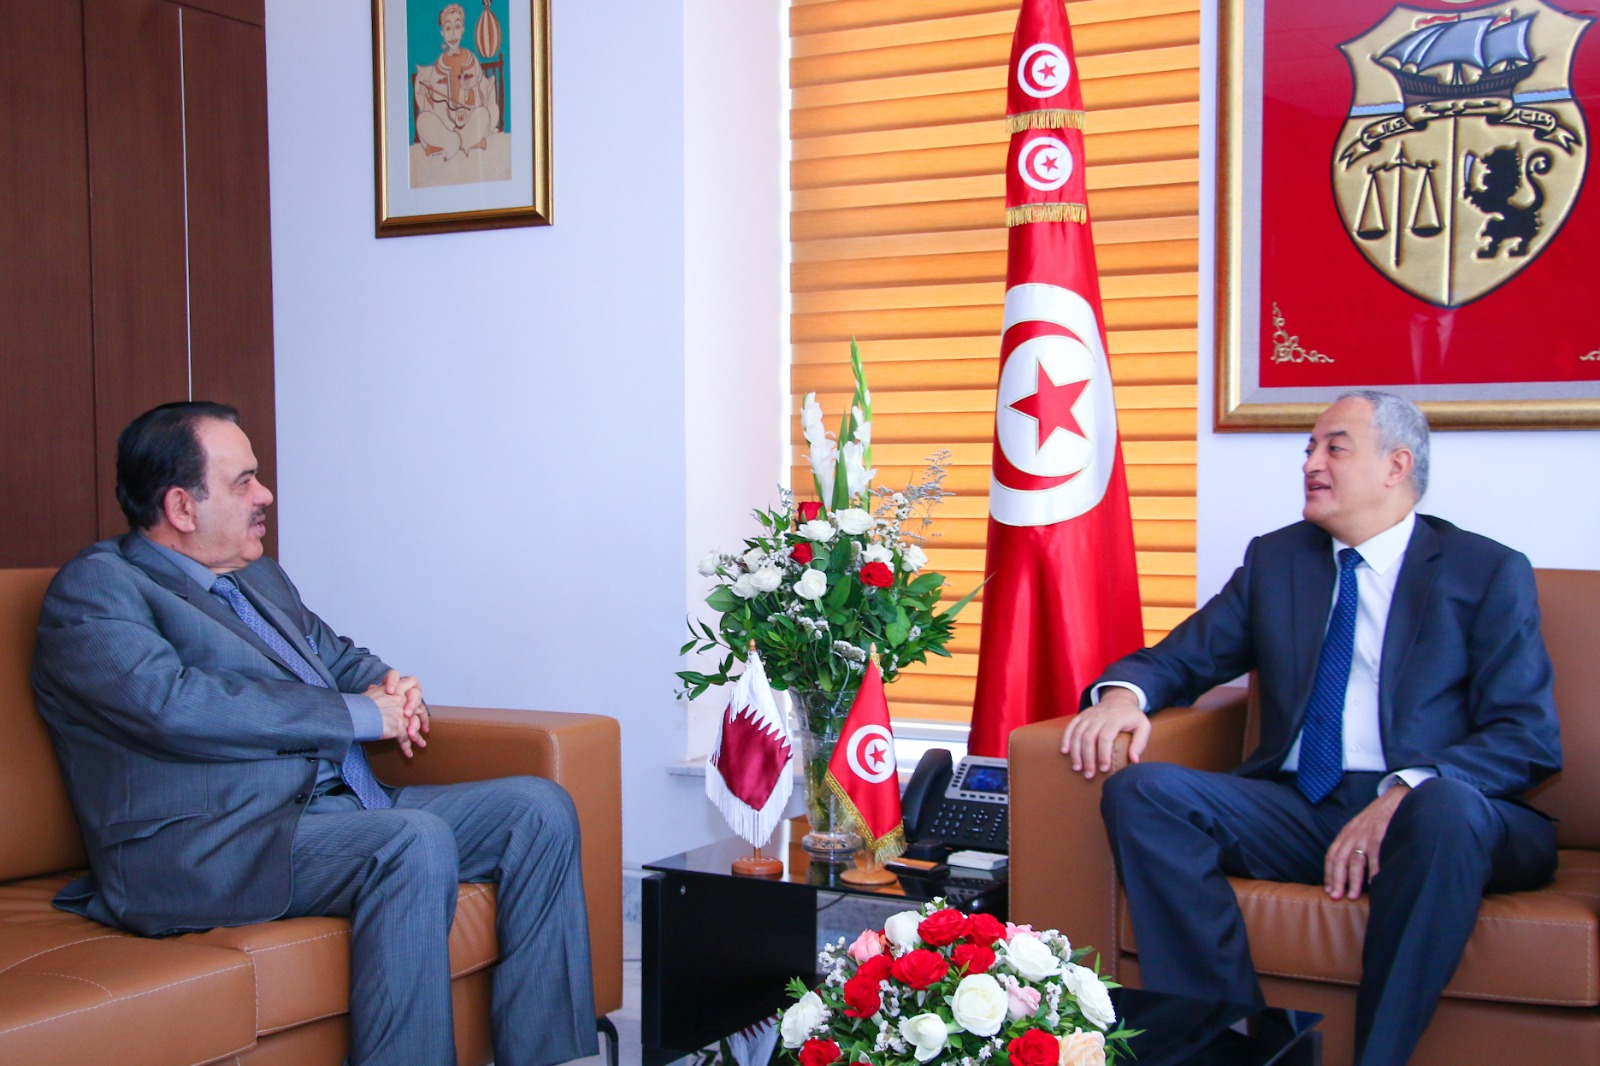 وزير تكنولوجيات الاتصال والانتقال الرقمي التونسي يجتمع مع سفير دولة قطر